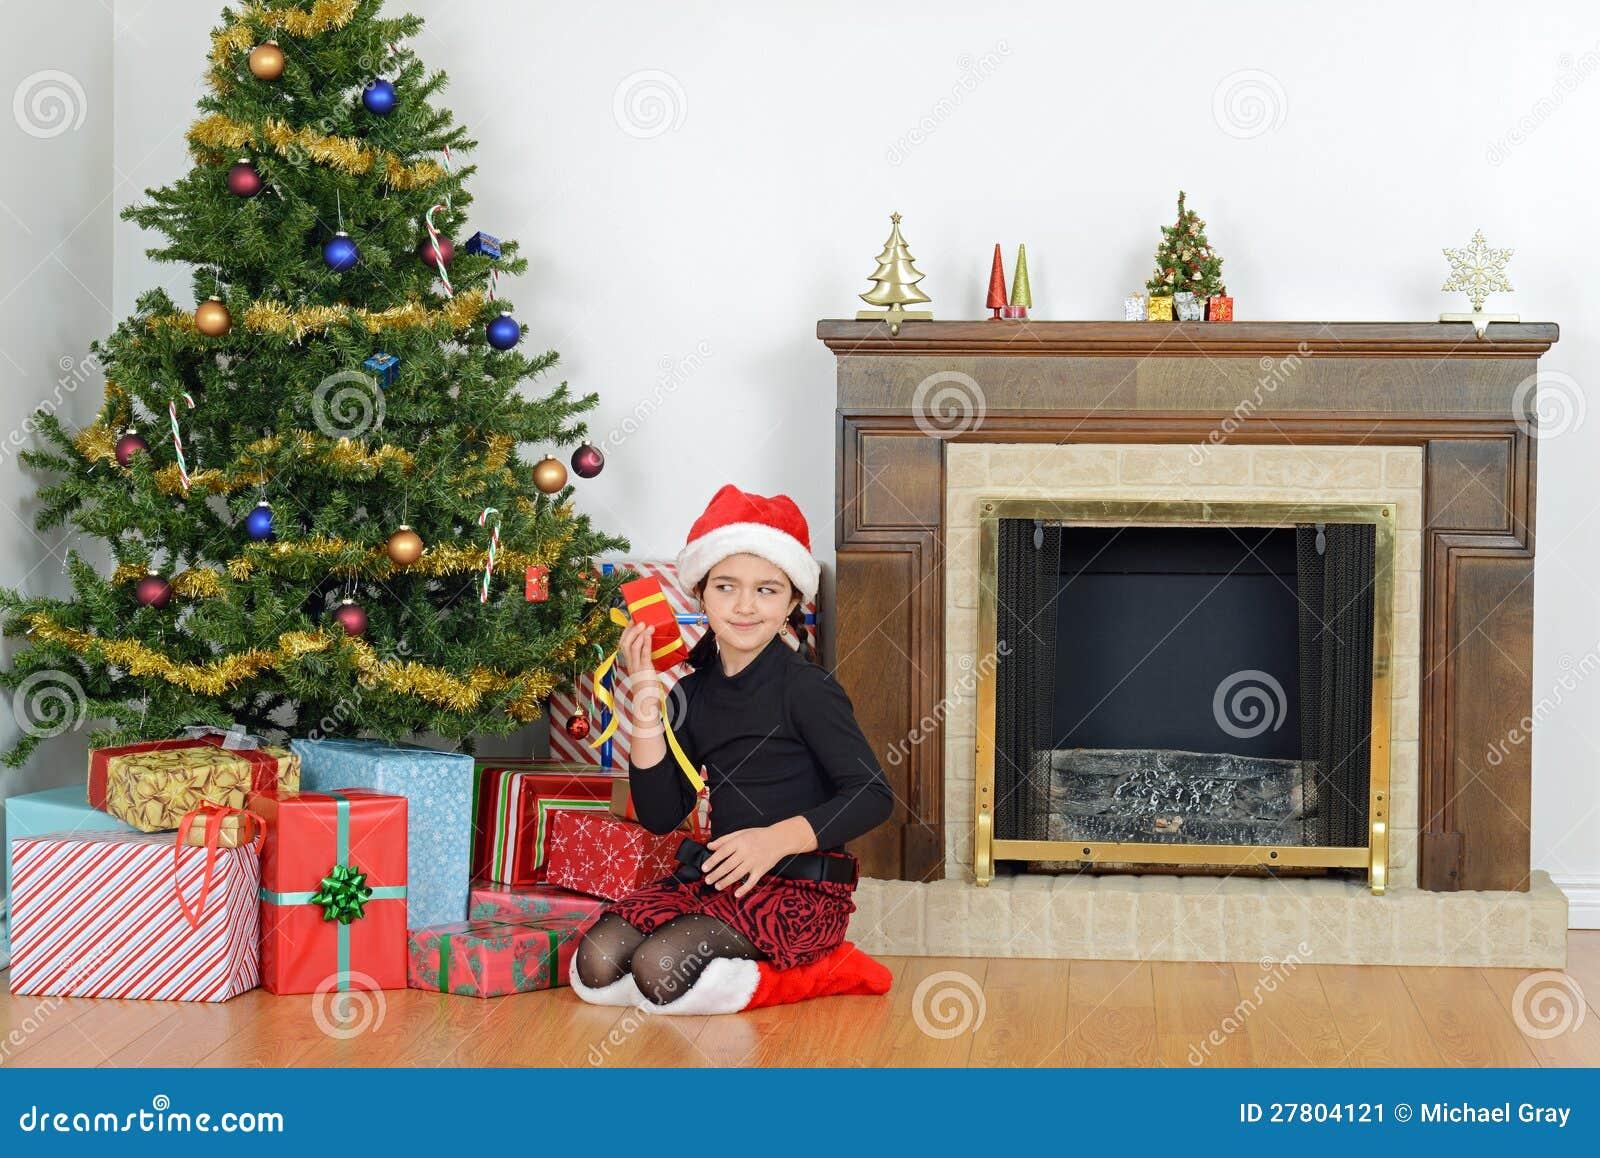 kind das weihnachtsgeschenk durch baum r ttelt stockbild. Black Bedroom Furniture Sets. Home Design Ideas